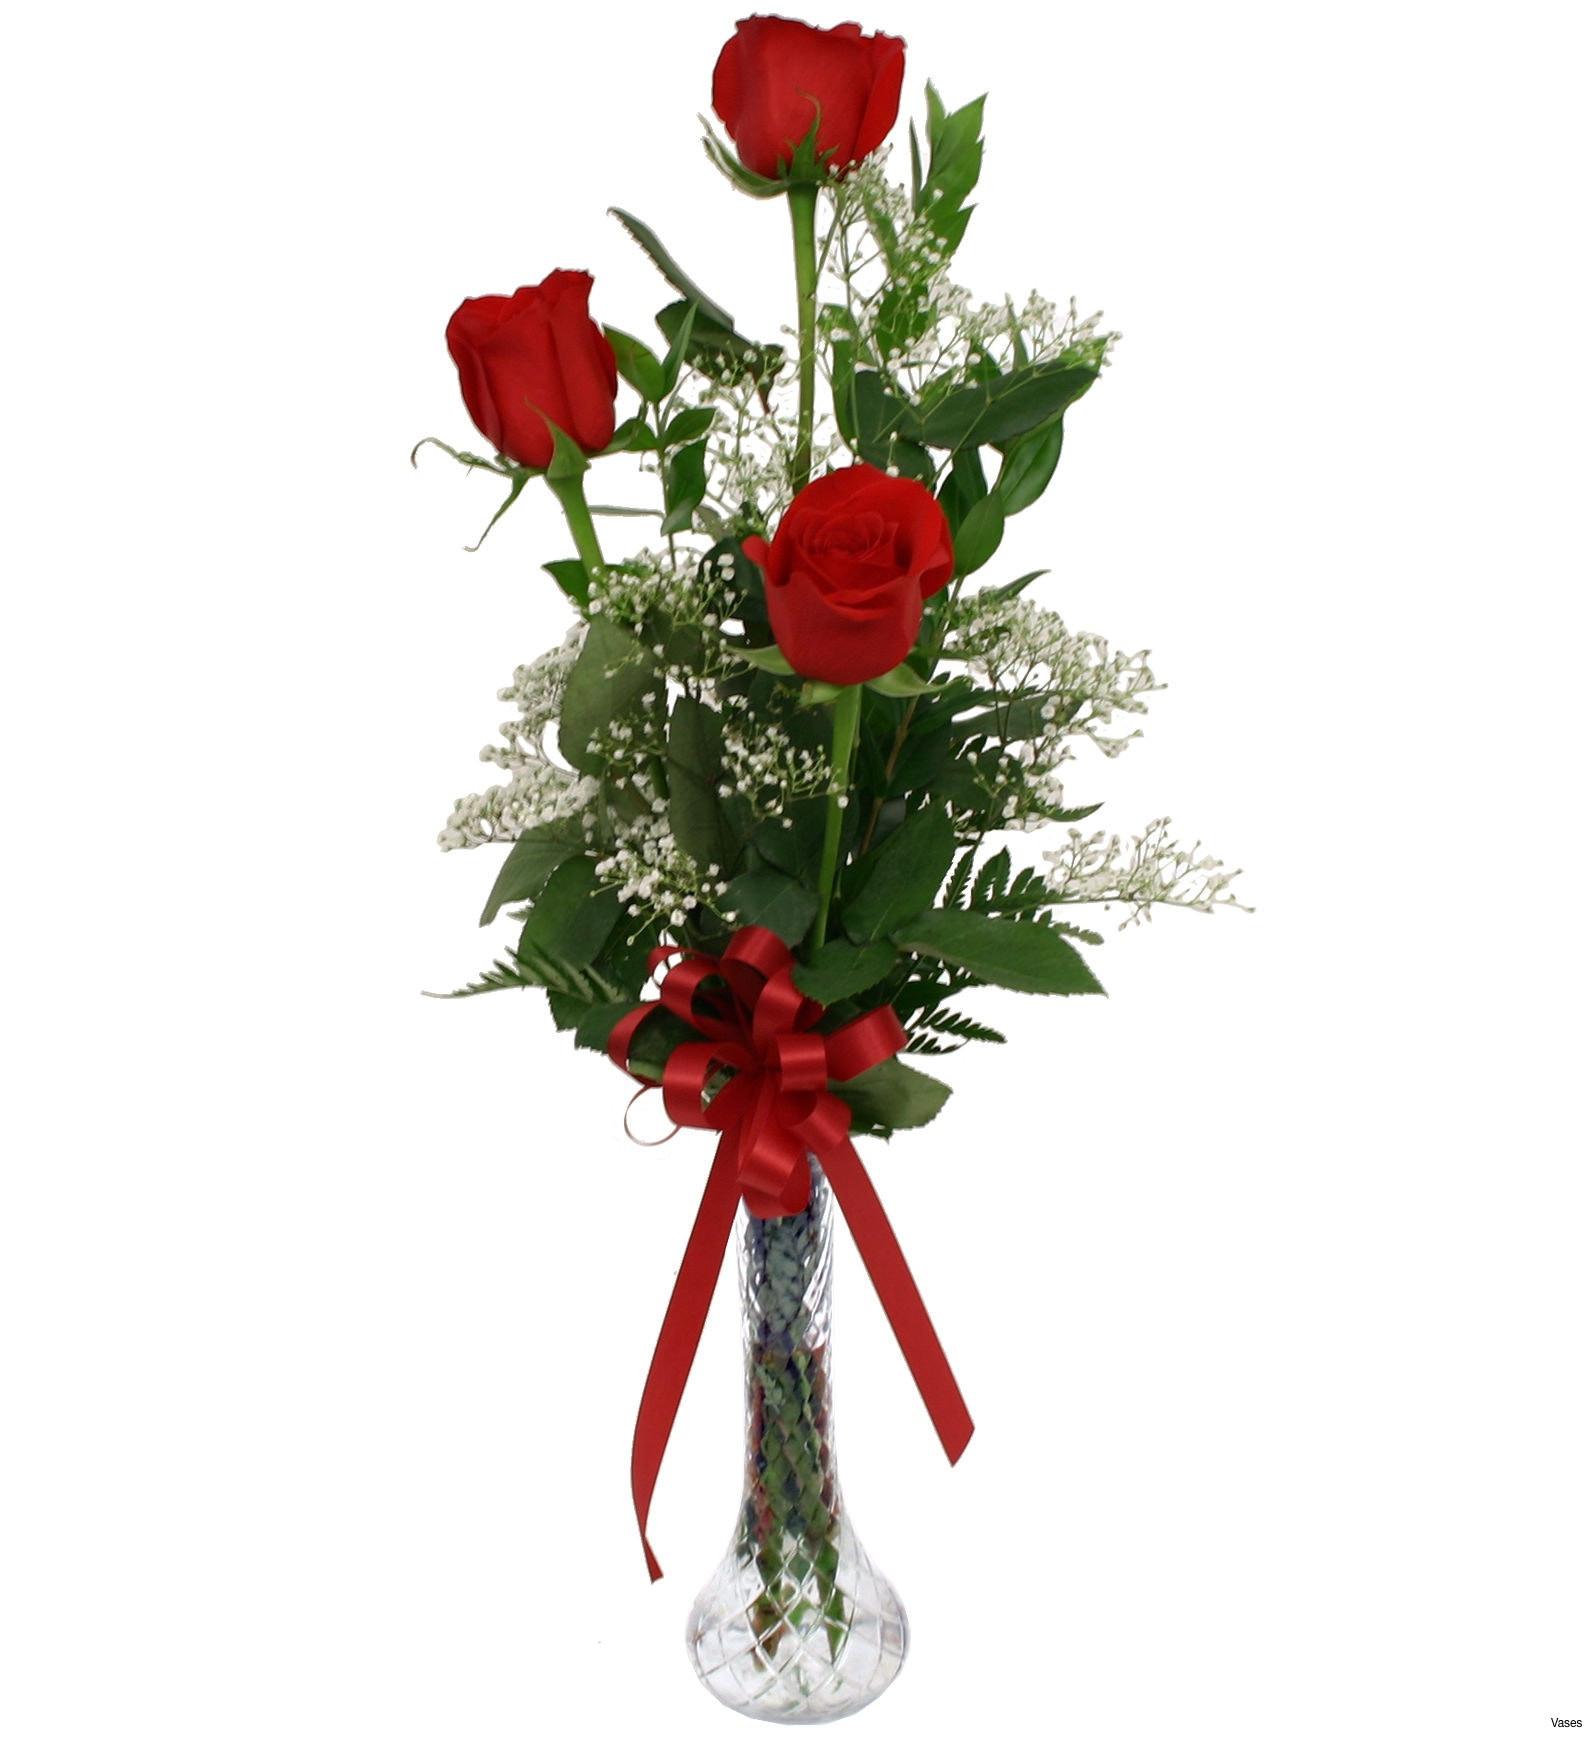 h Vases Bud Vase Flower Arrangements I 0d